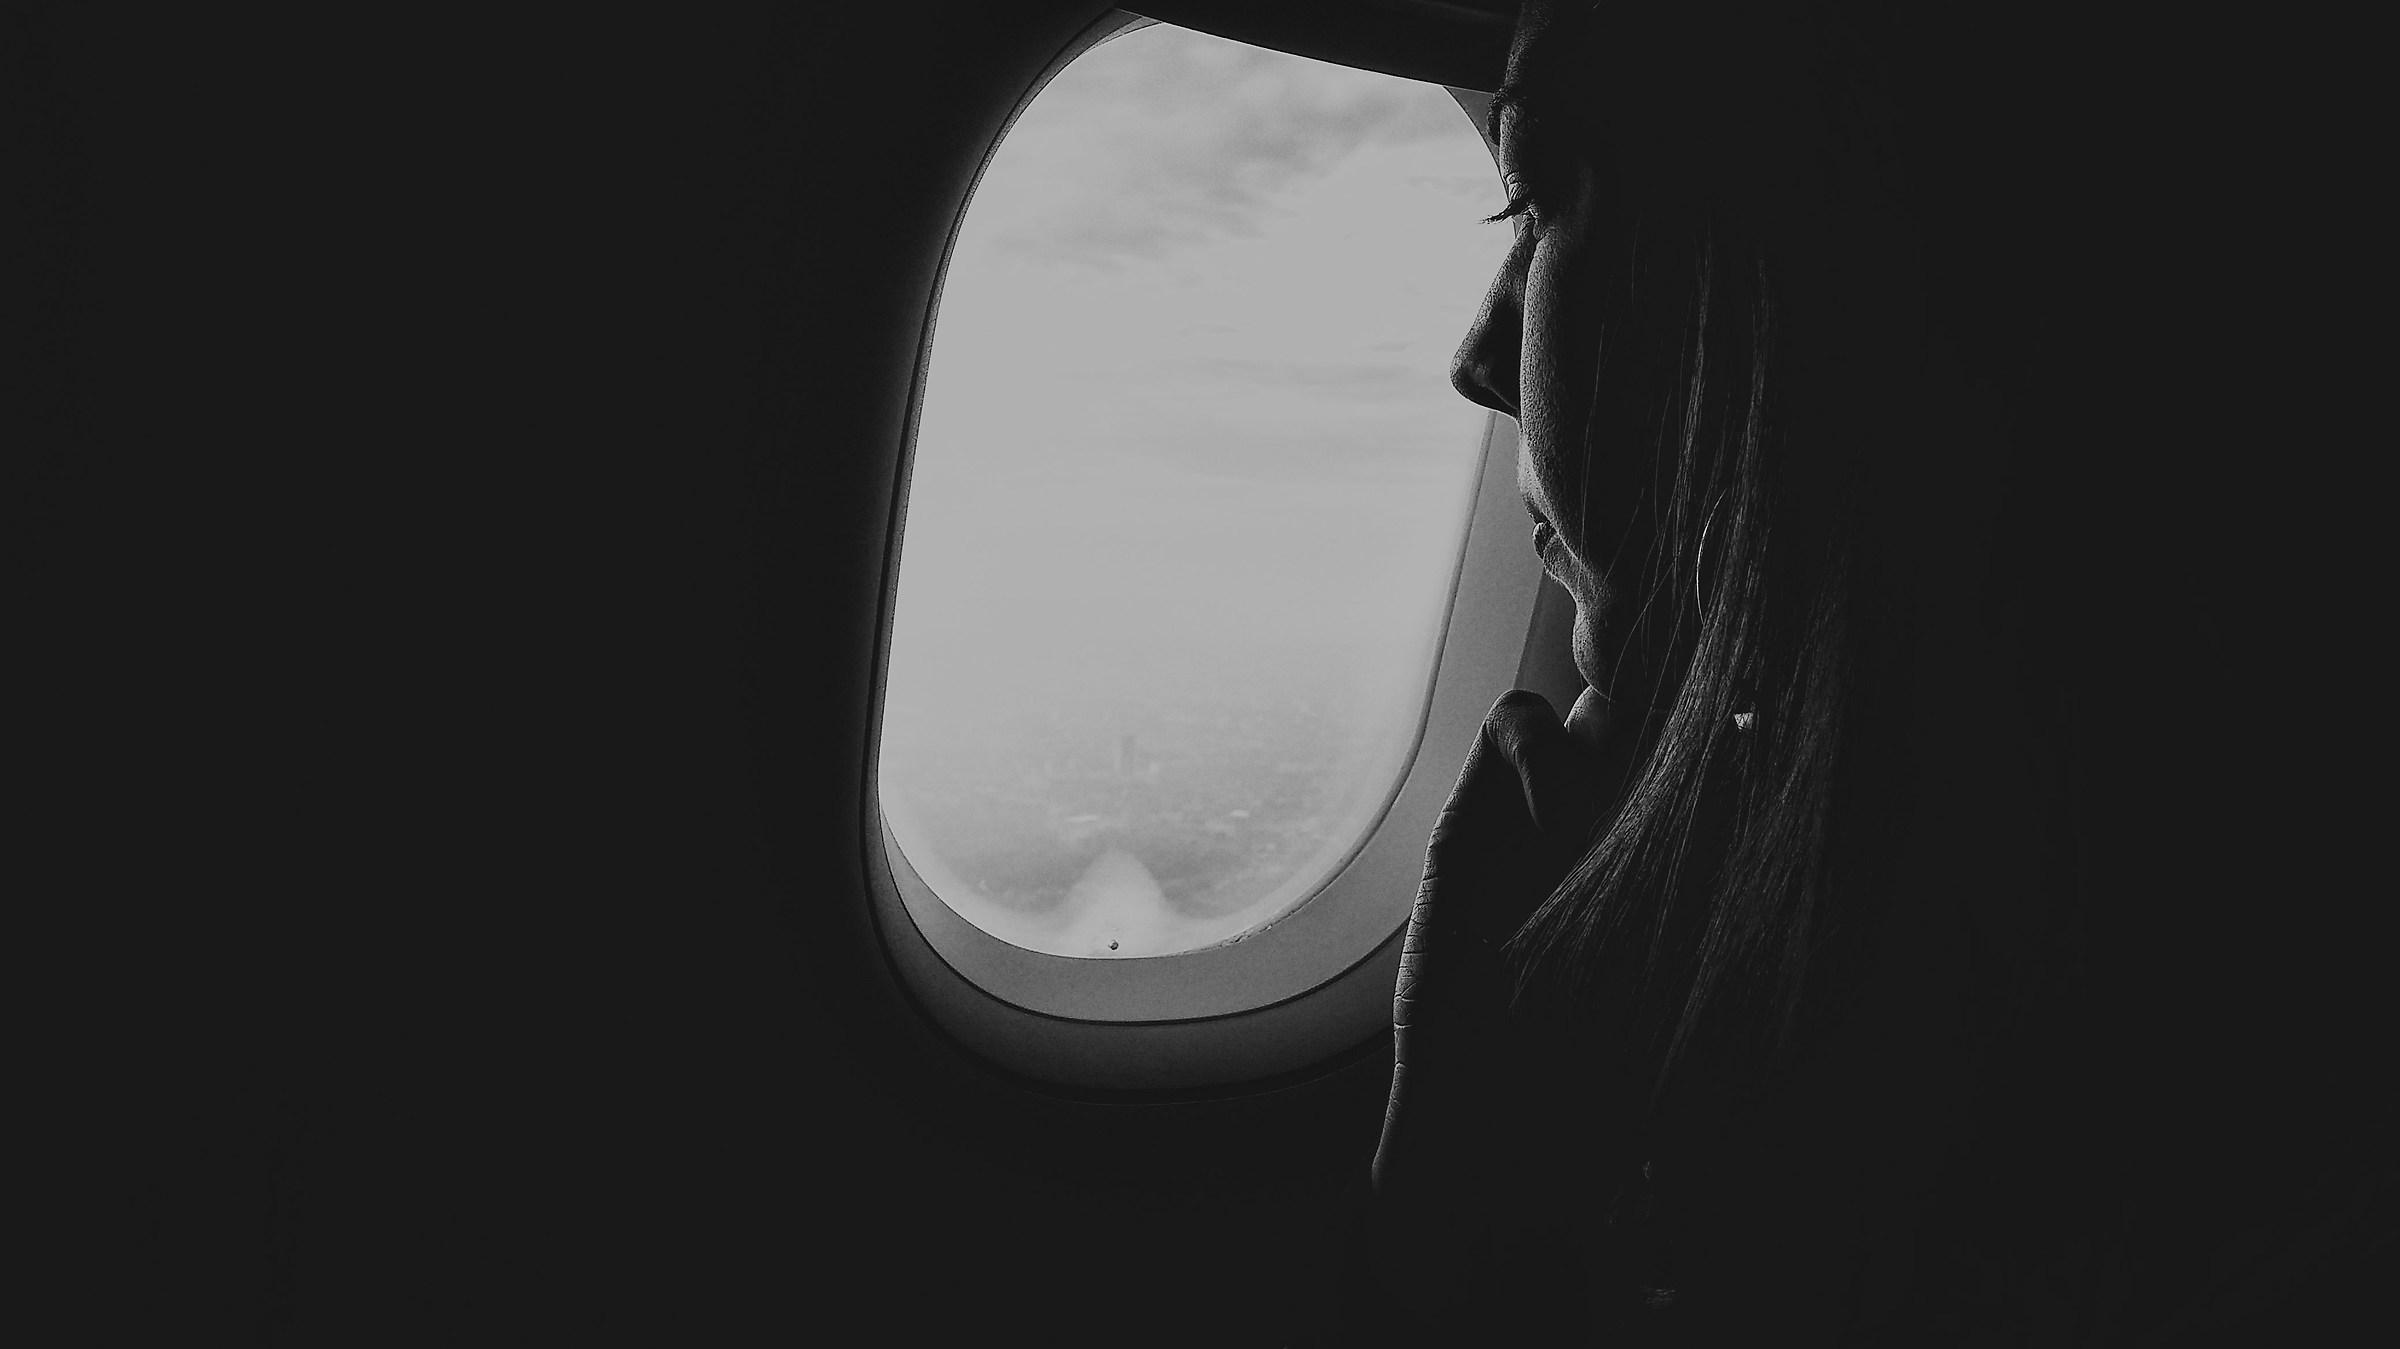 Volando coi pensieri...